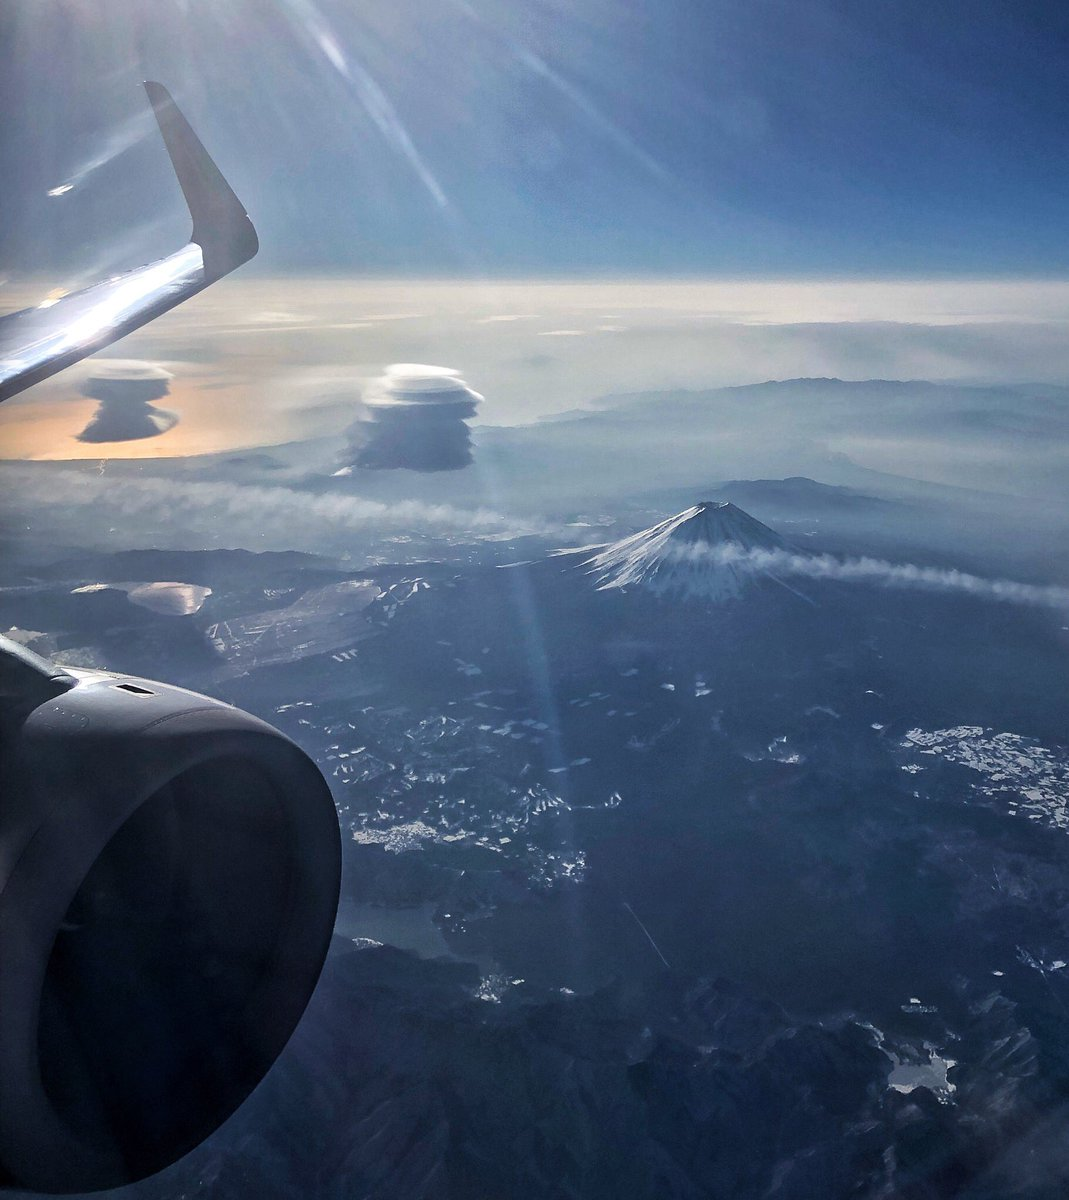 生まれて初めて飛行機から富士山見た。でも富士山より左の変な雲2つの方が気になって仕方ない。なにあれ。